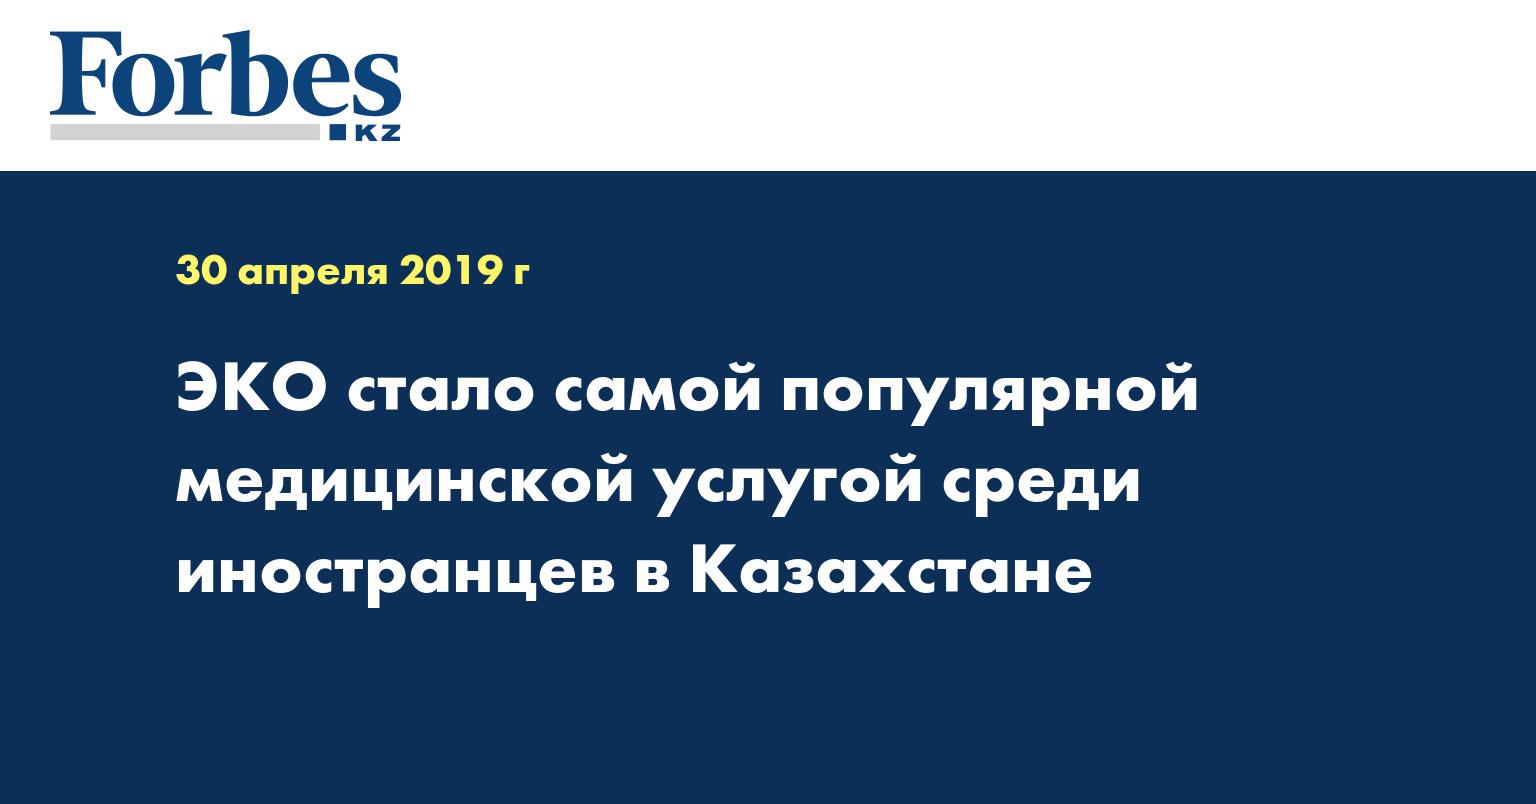 ЭКО стало самой популярной медицинской услугой среди иностранцев в Казахстане